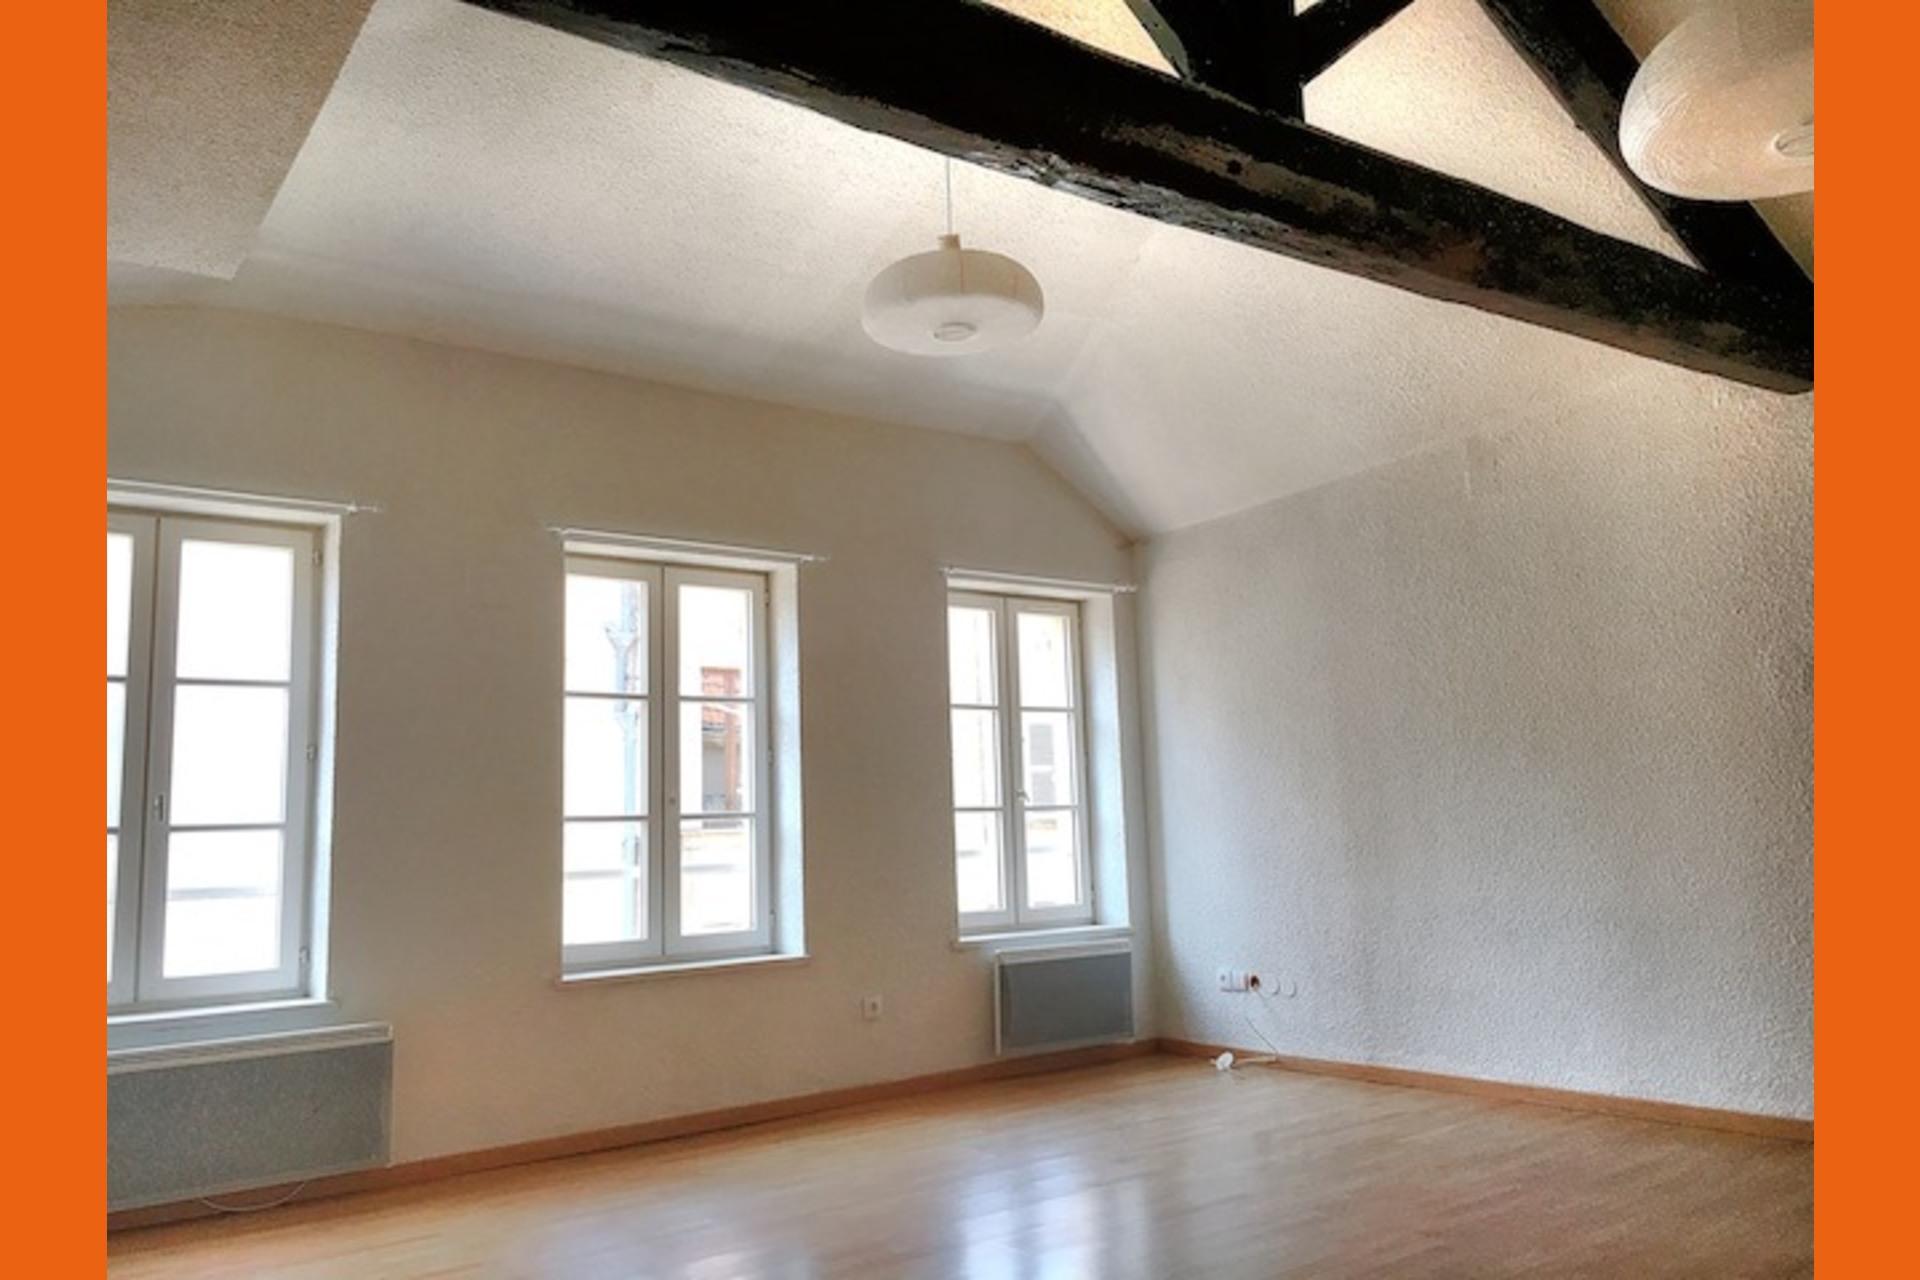 image 2 - Appartement À louer Metz - 3 pièces